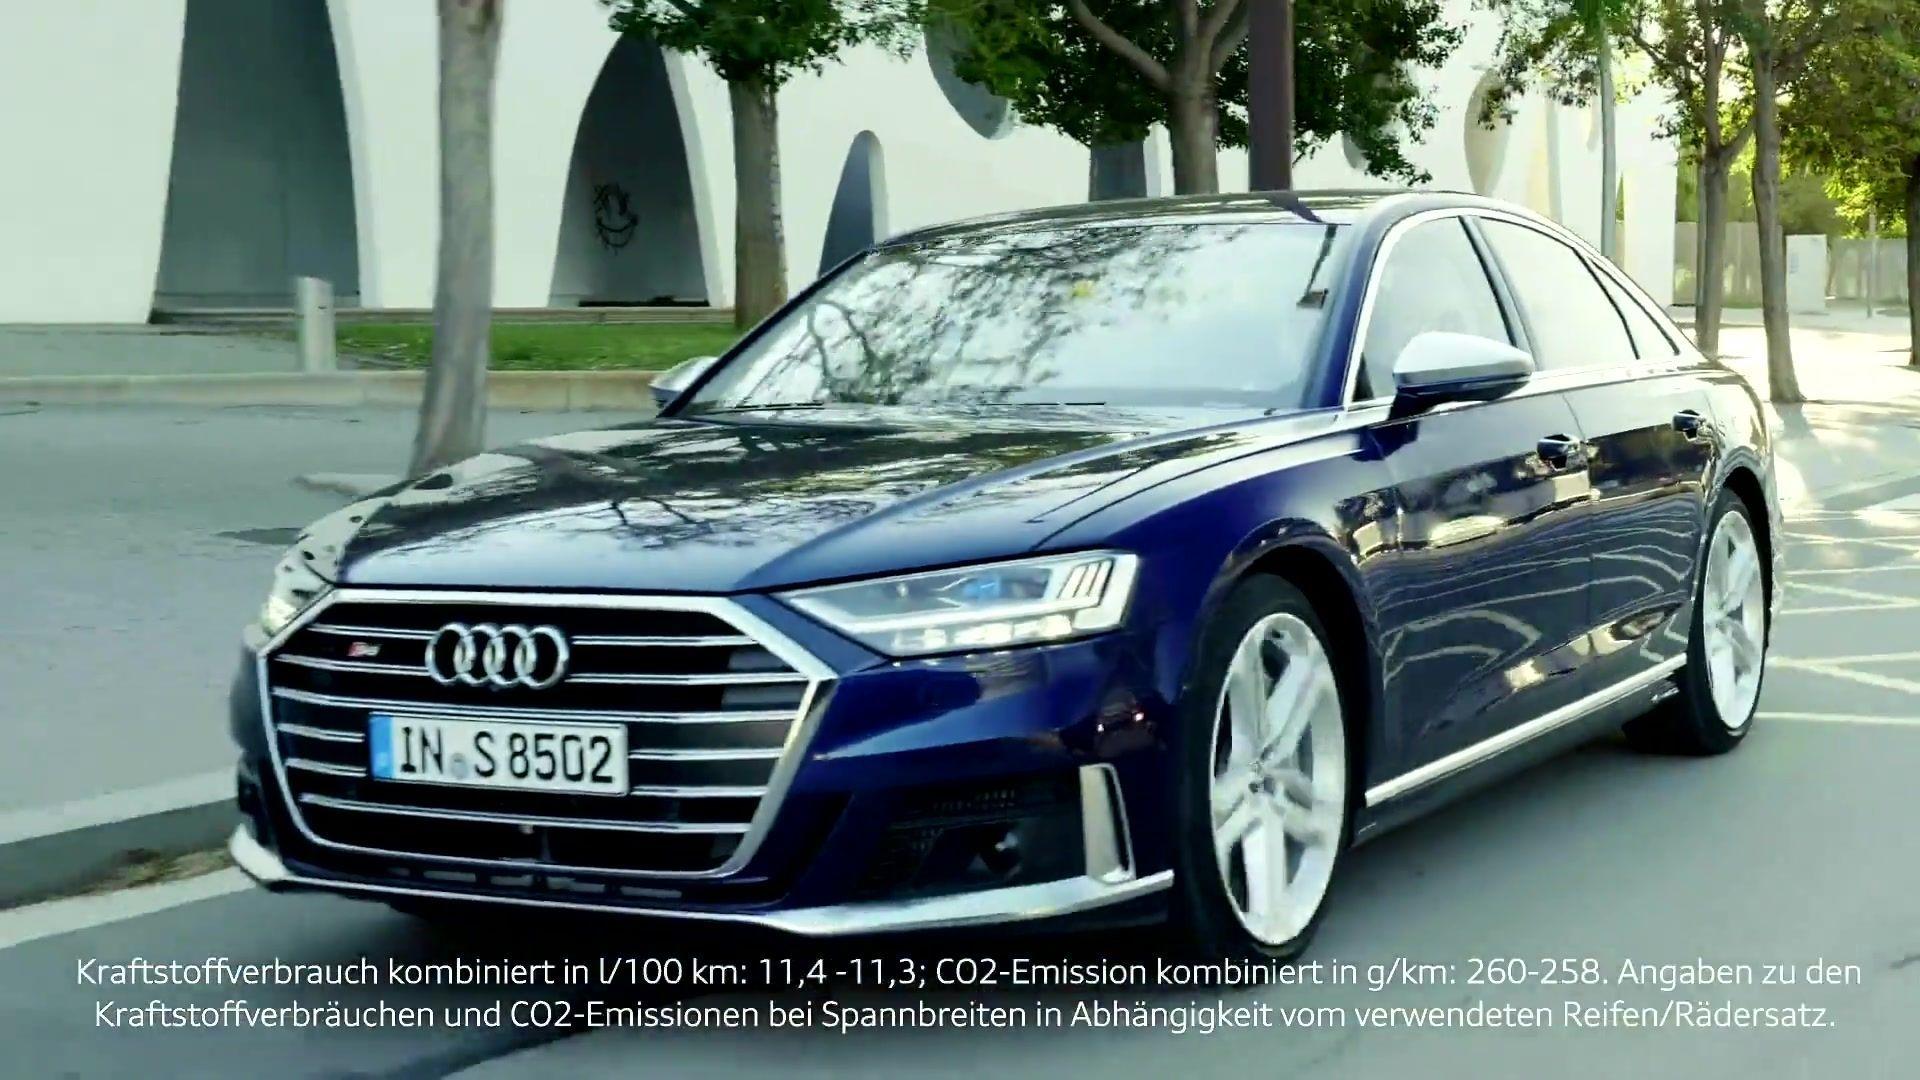 Begeisternde Performance in der Luxusklasse - Der neue Audi S8